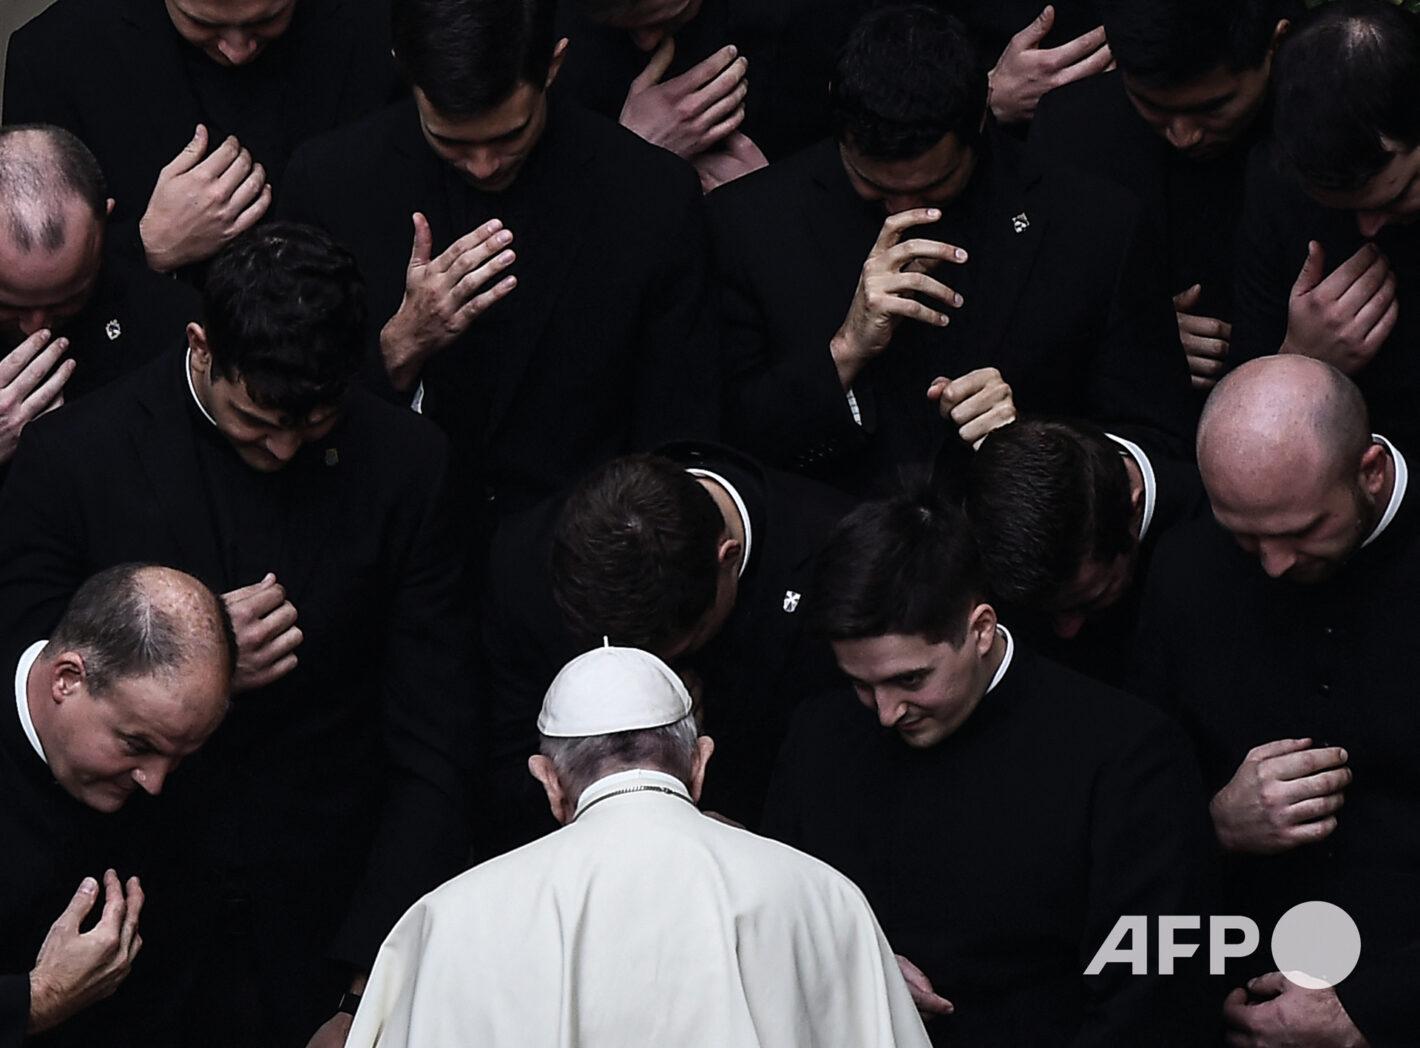 AFP 1 | Filippo MONTEFORTE 30 septembre 2020 – Cité du Vatican